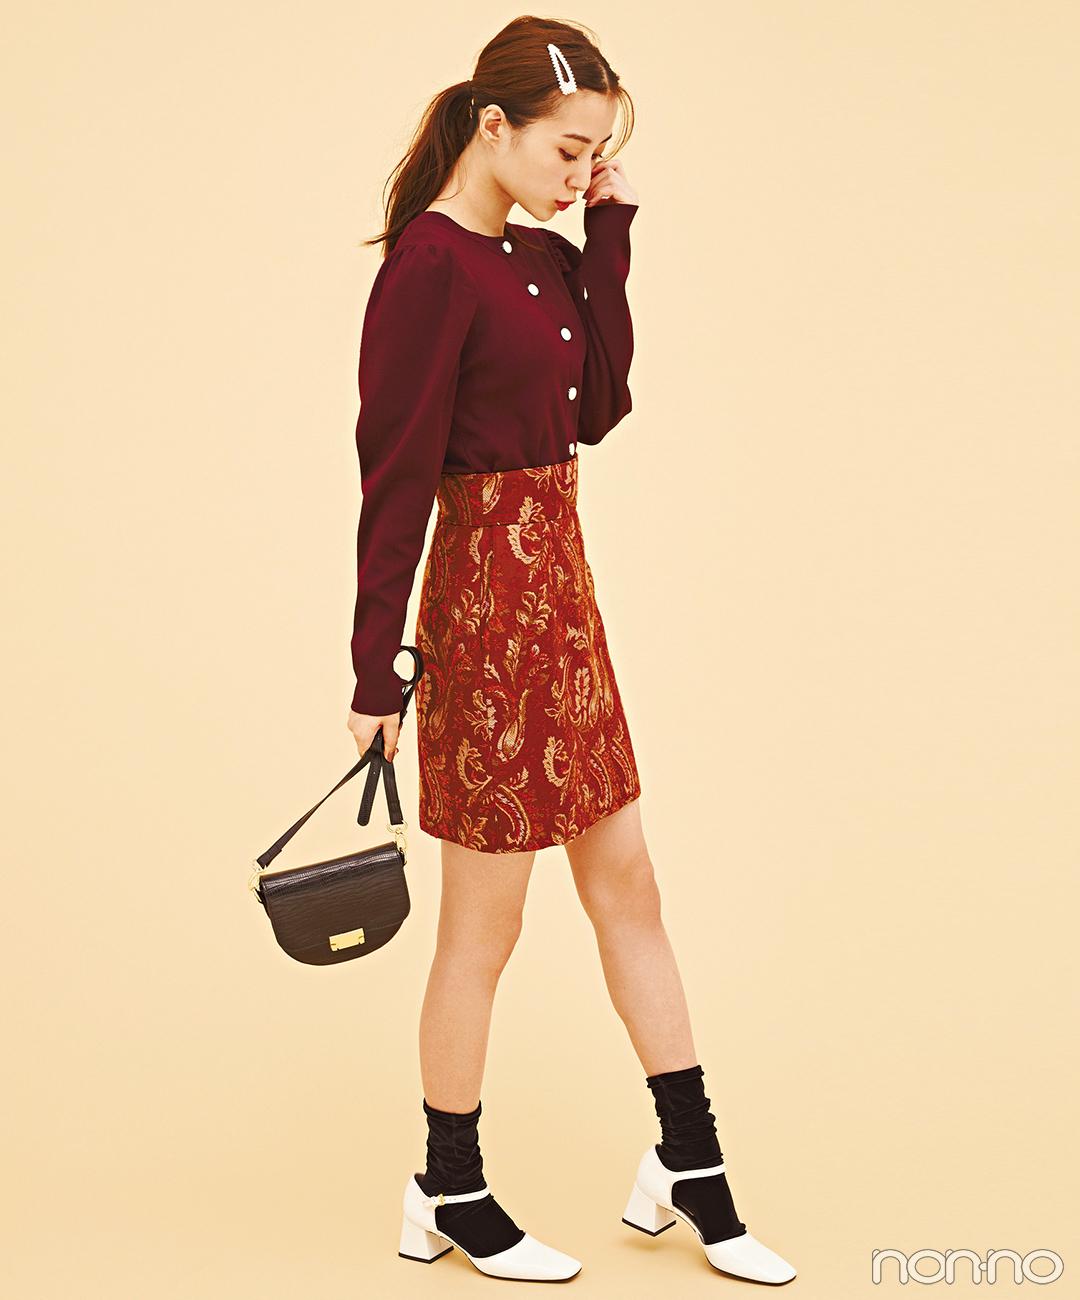 ヴィンテージ風のミニスカートで秋のレディコーデをアップデート【毎日コーデ】